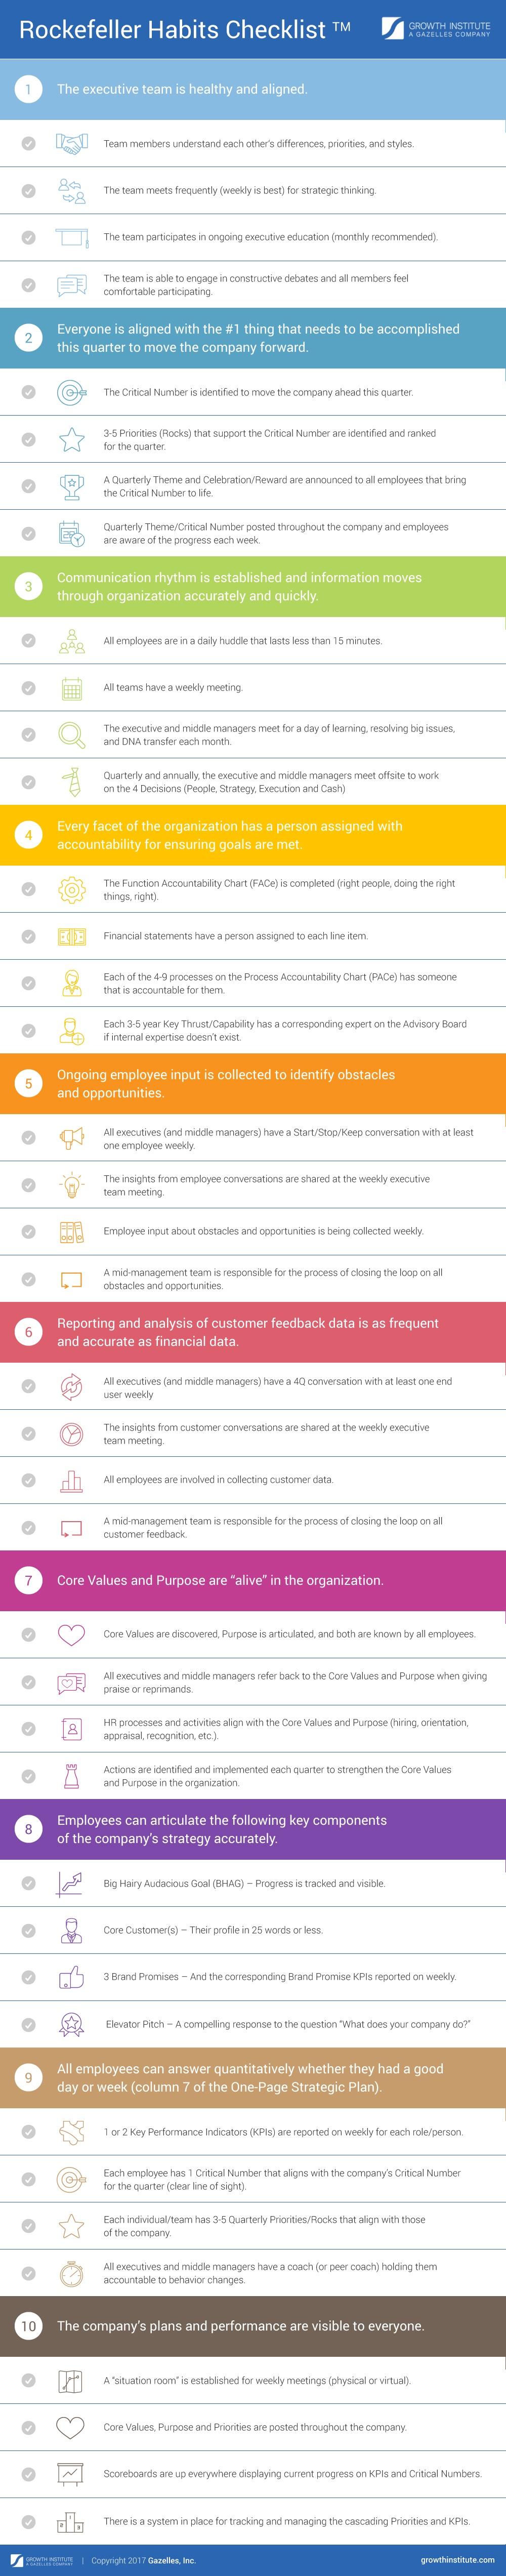 The 10 Rockefeller Habits Checklist Free download